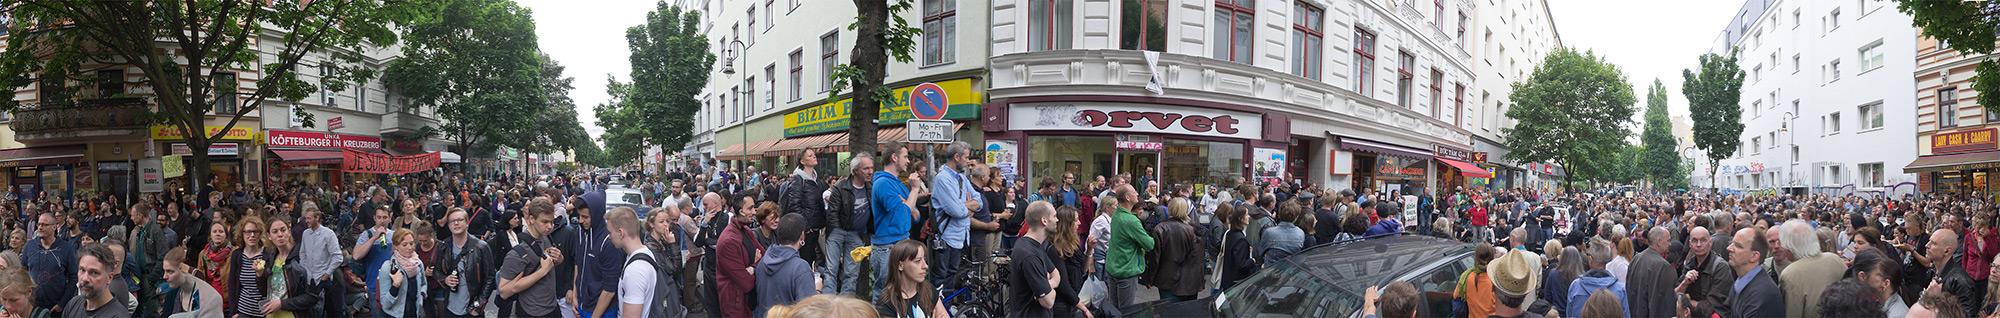 Bizim Kiez Versammlung vom 17. Juni (mehr Fotos bei Klick aufs Bild)